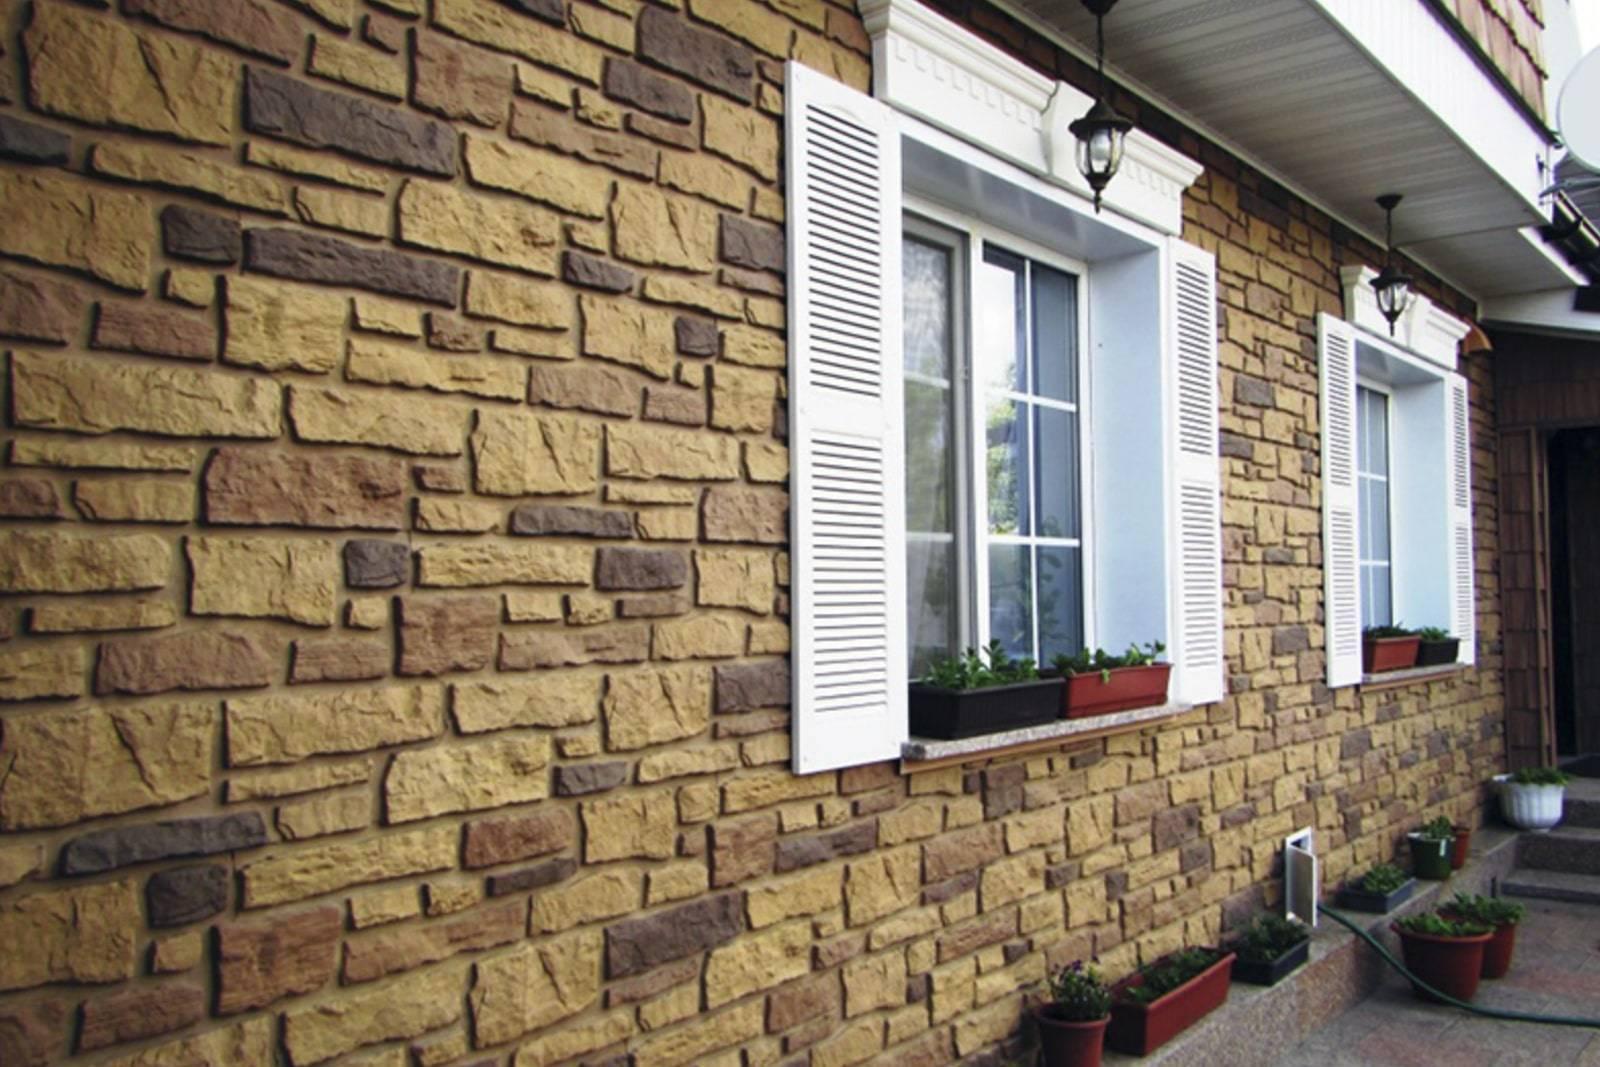 Отделка фасада частного дома панелями под кирпич - варианты и подробное руководство!